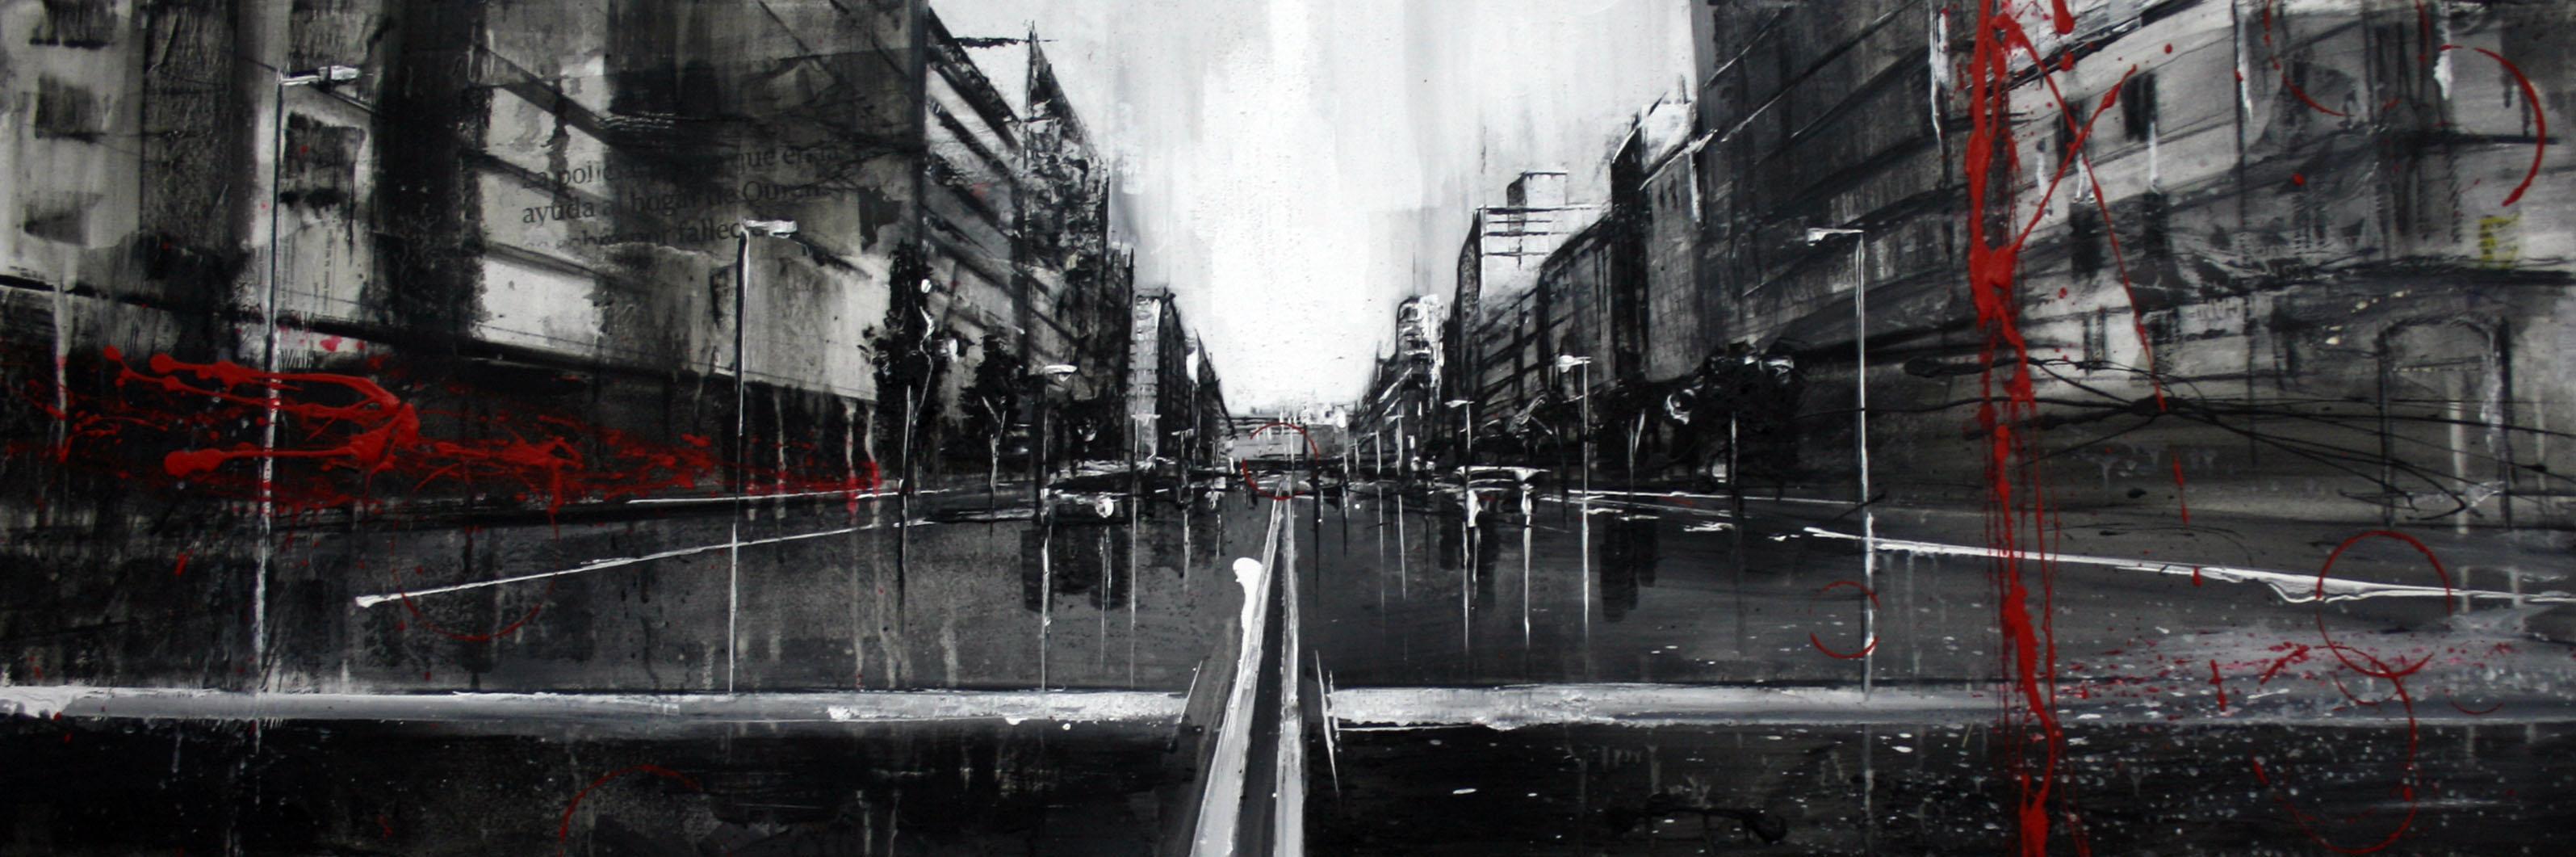 857_avenida de catalunya_120x40cm_mixta sobre lienzo